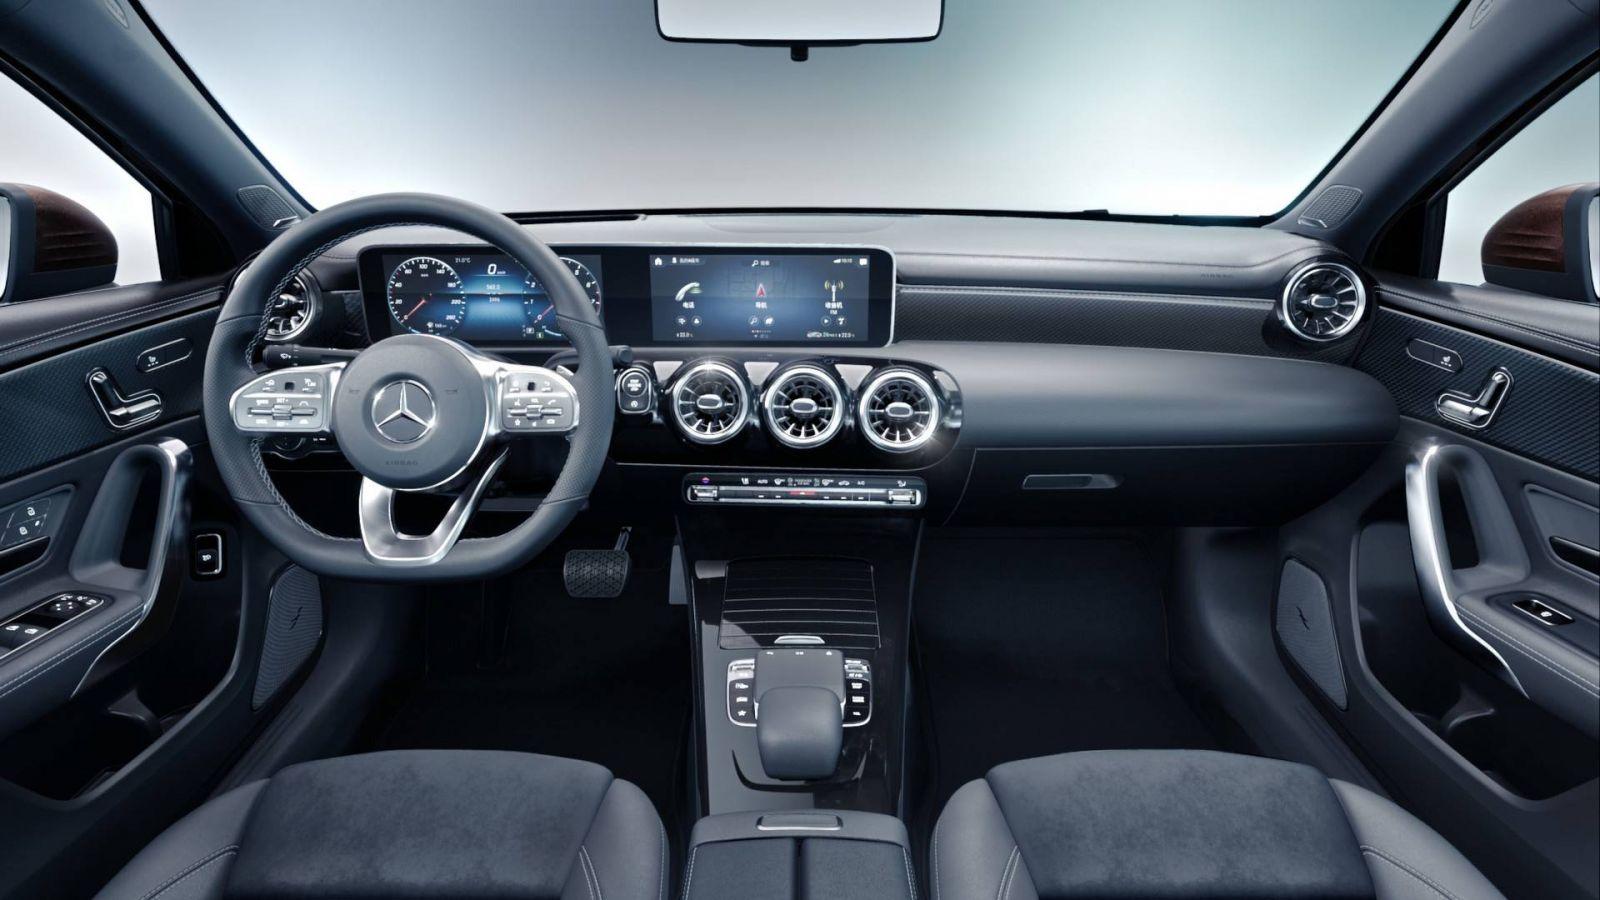 Mercedes-Benz A-Classe Sedan 2021: prijs, verbruik, FOTOS, gegevensblad